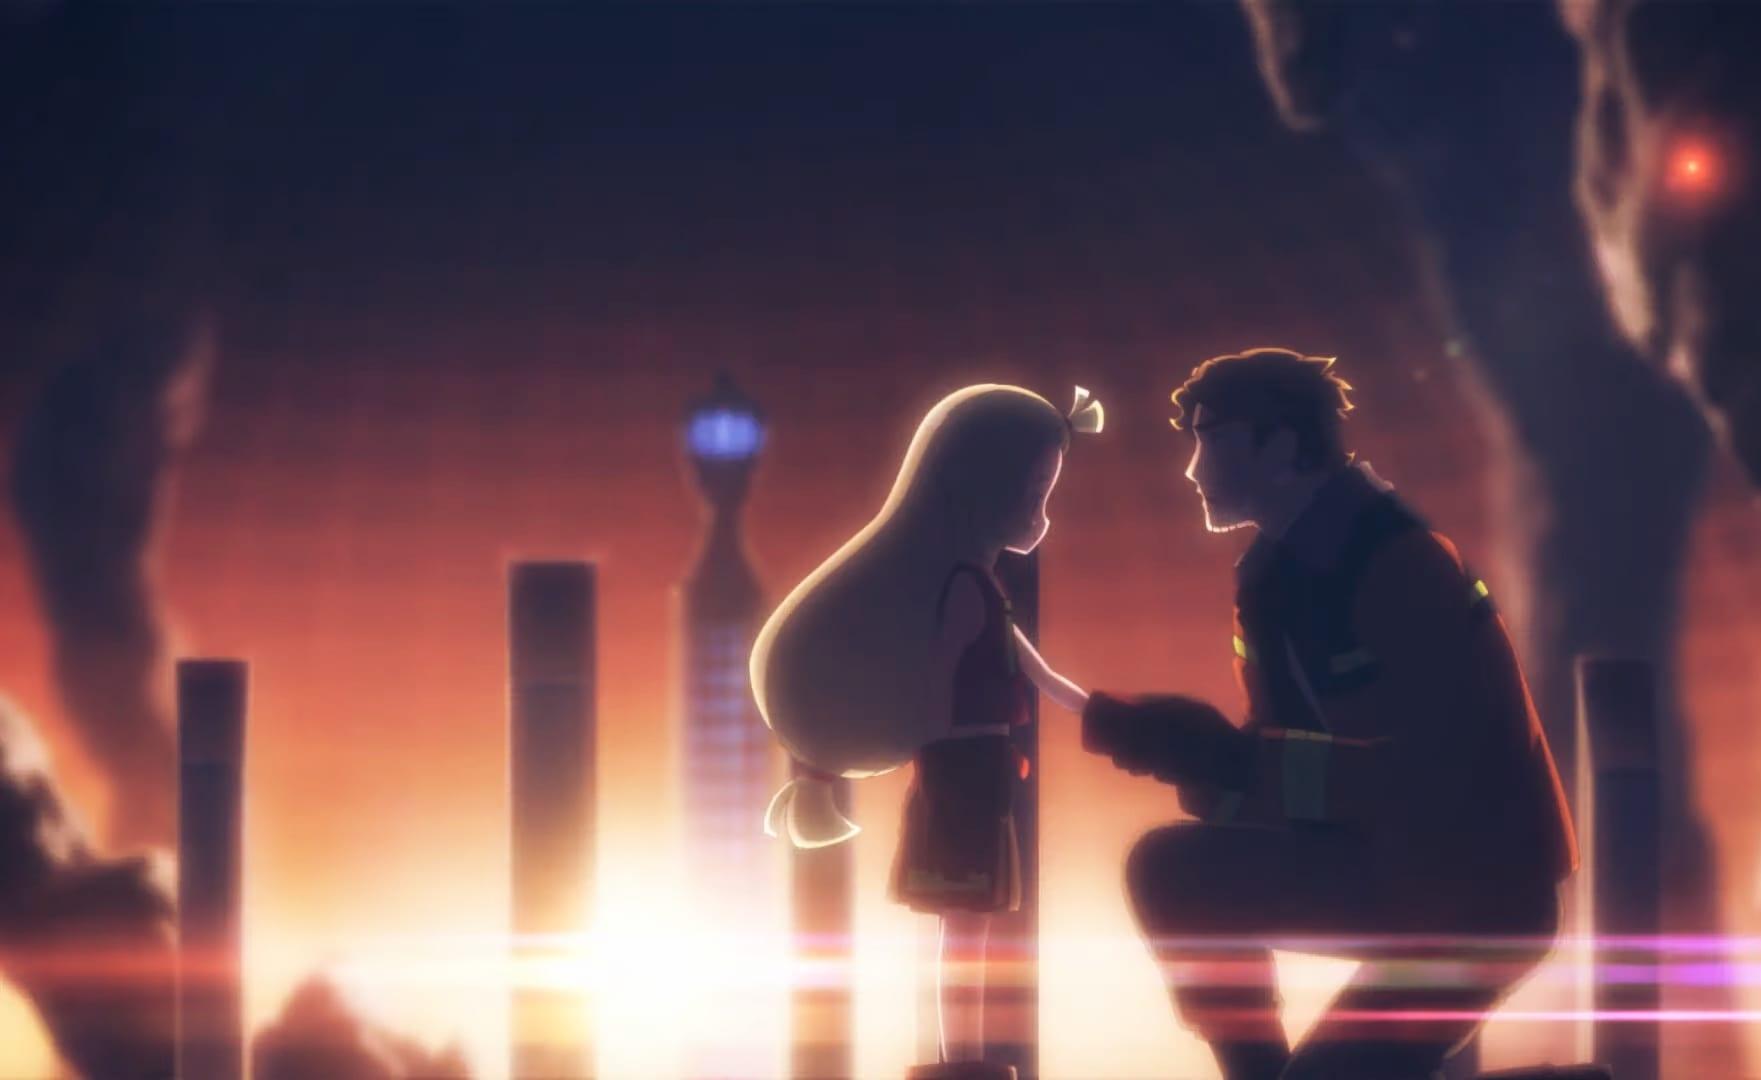 Sakugan Anime Release Date